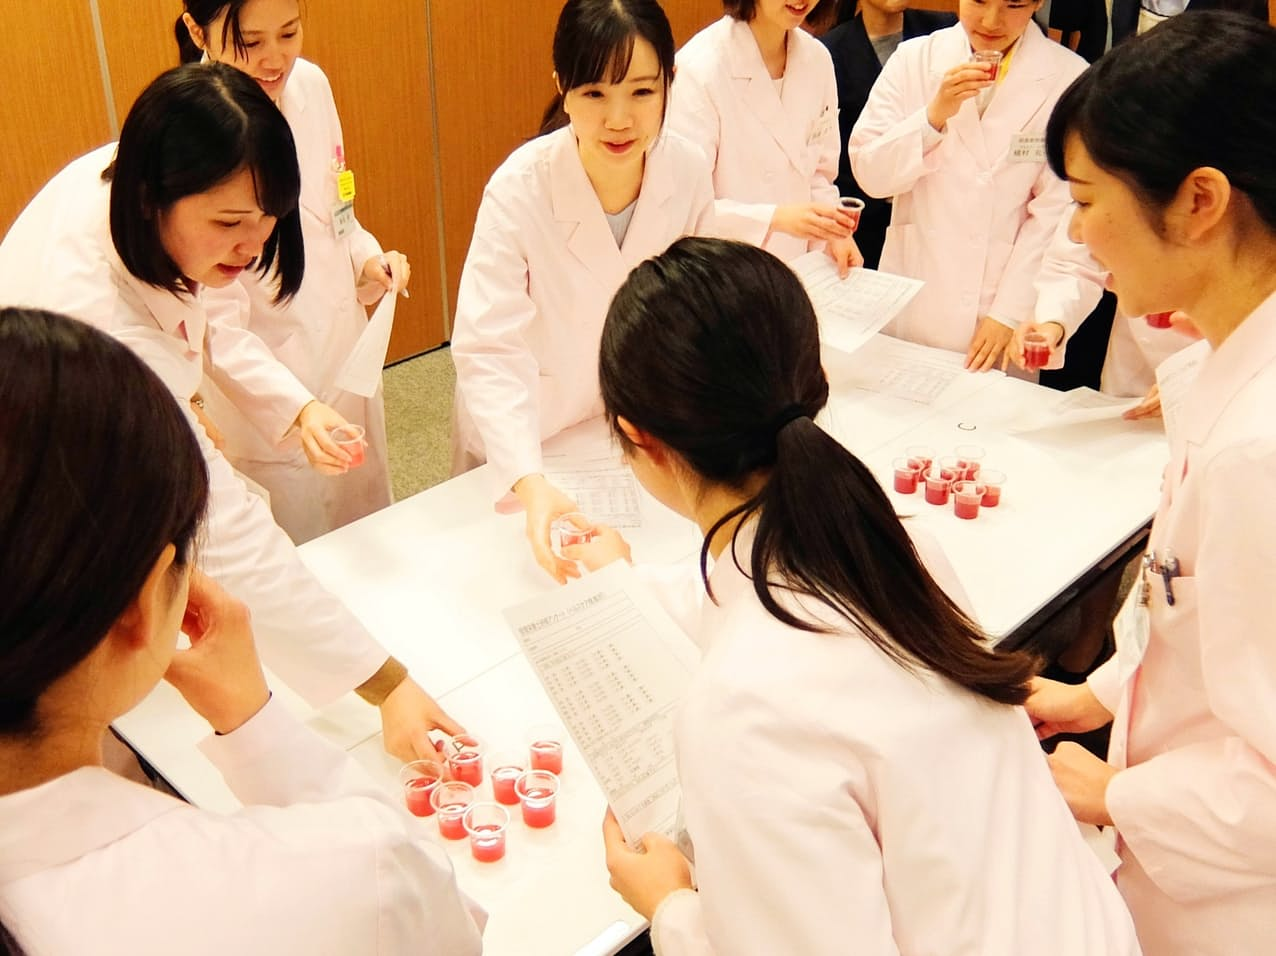 日本調剤は女性従業員の口コミ評価が改善している